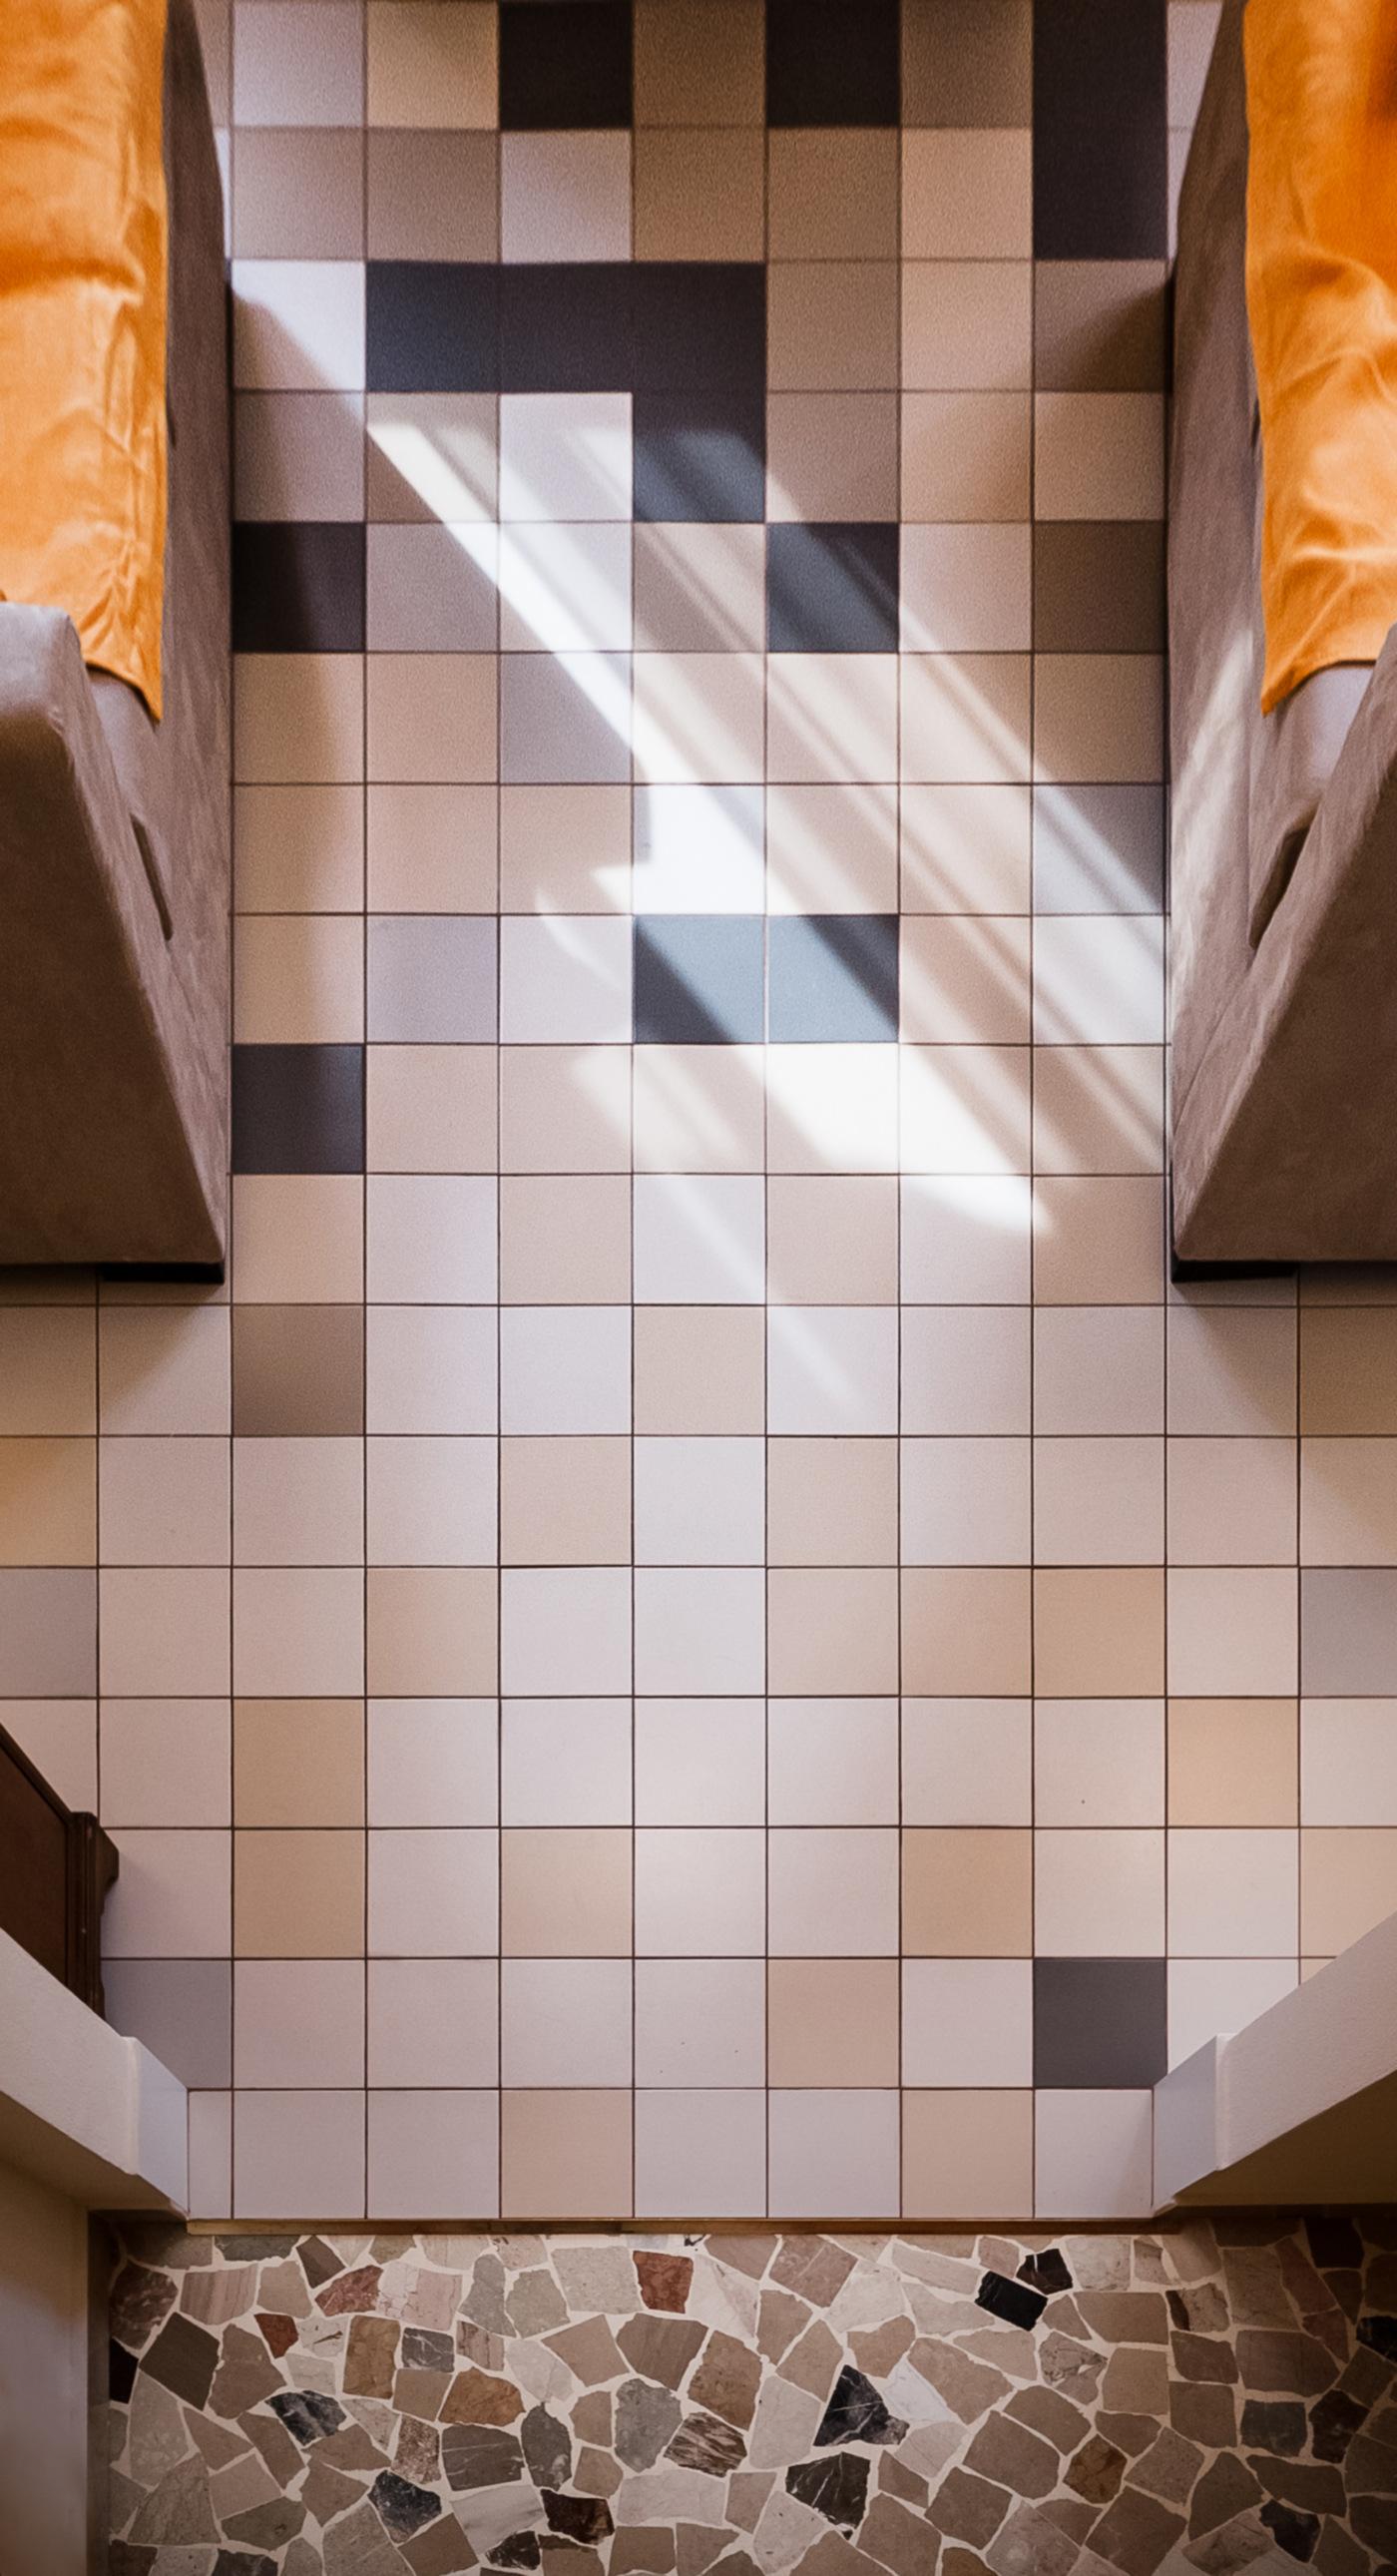 Una ristrutturazione a basso budget che rivoluziona spazi e percezione. La transizione tra palladiana e nuovo pavimento | Bottega di Architettura